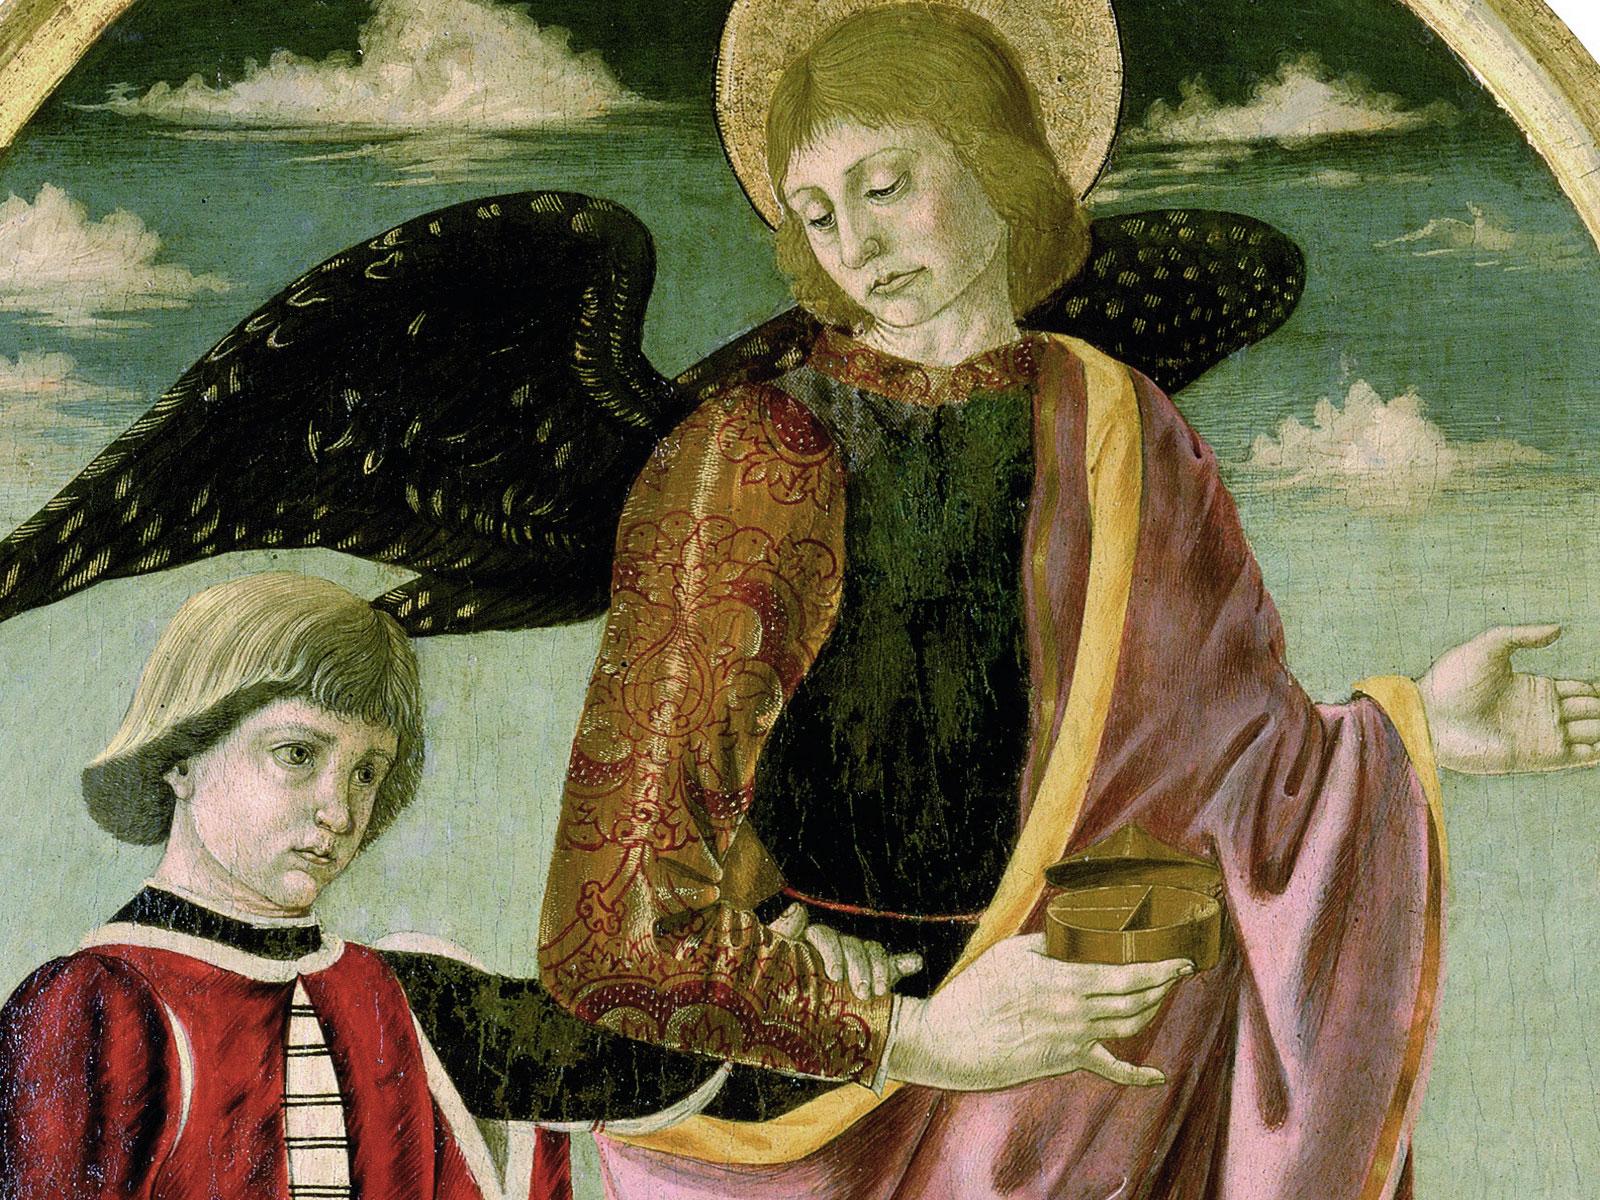 L'arcangelo Raffaele e Tobia